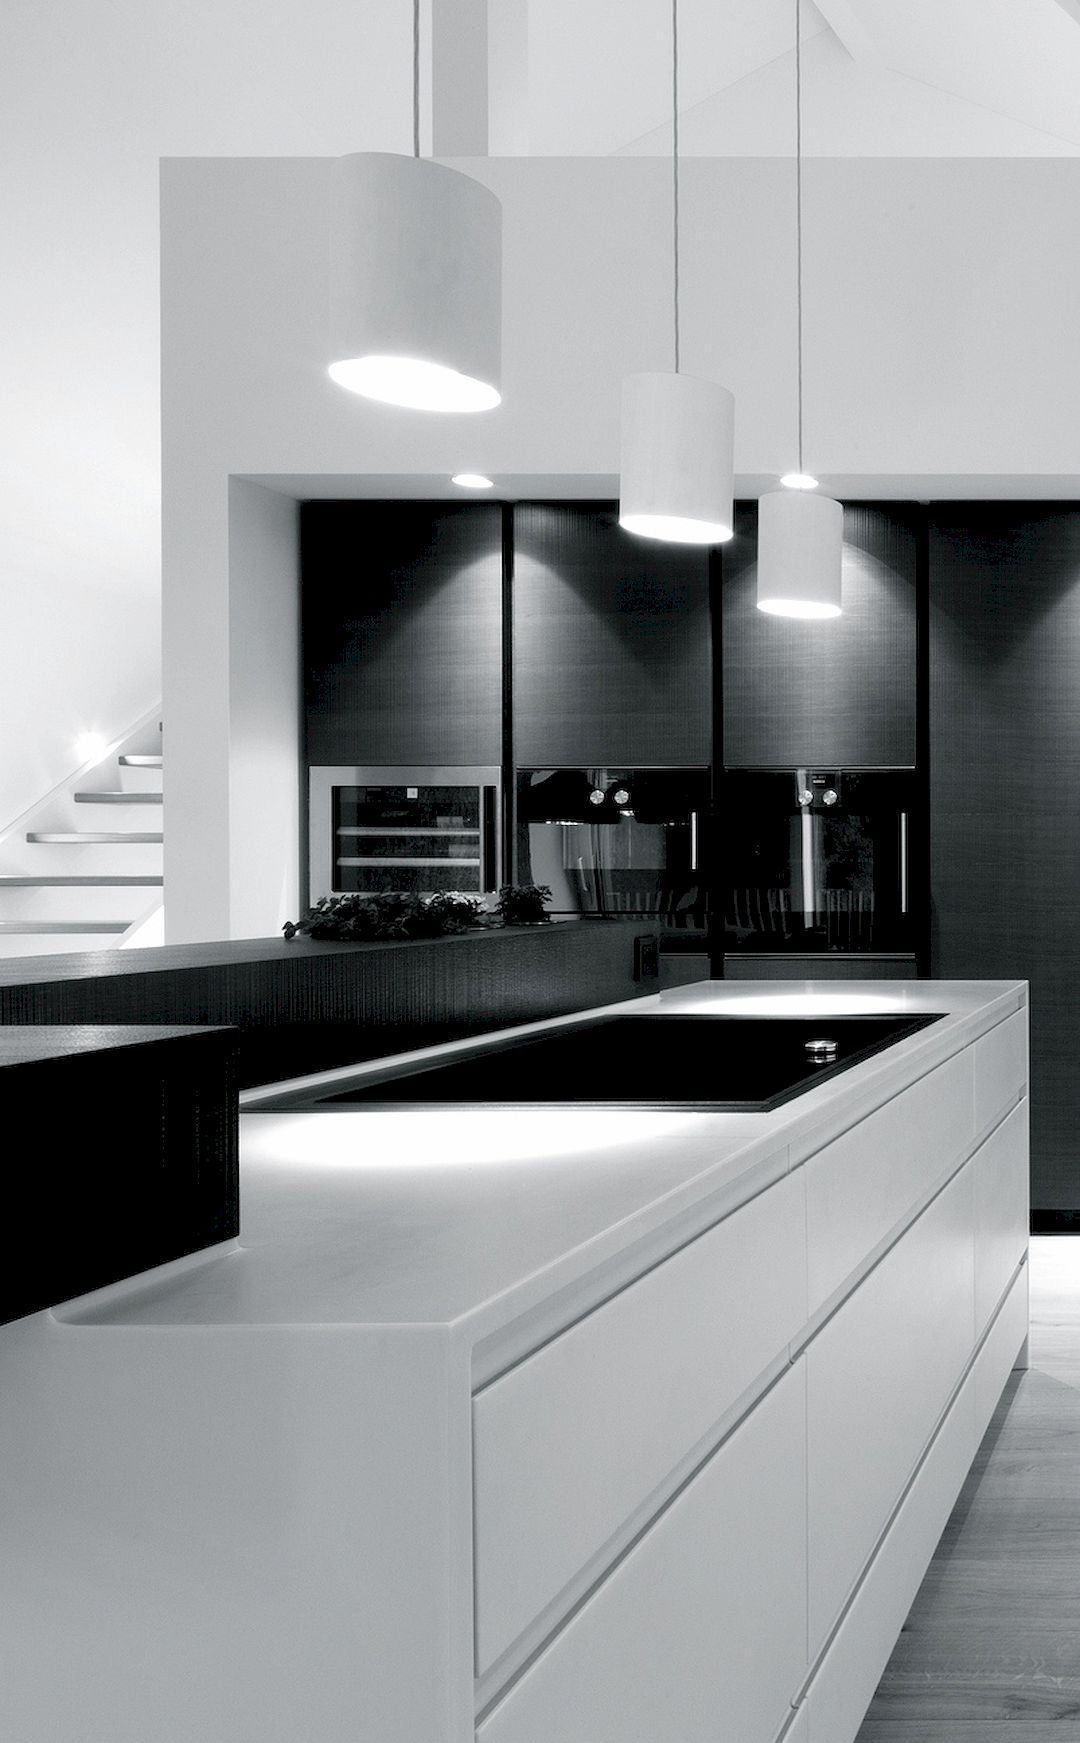 Best Interior Design Inspirations 2017 (155 Photos) | Küchen design ...